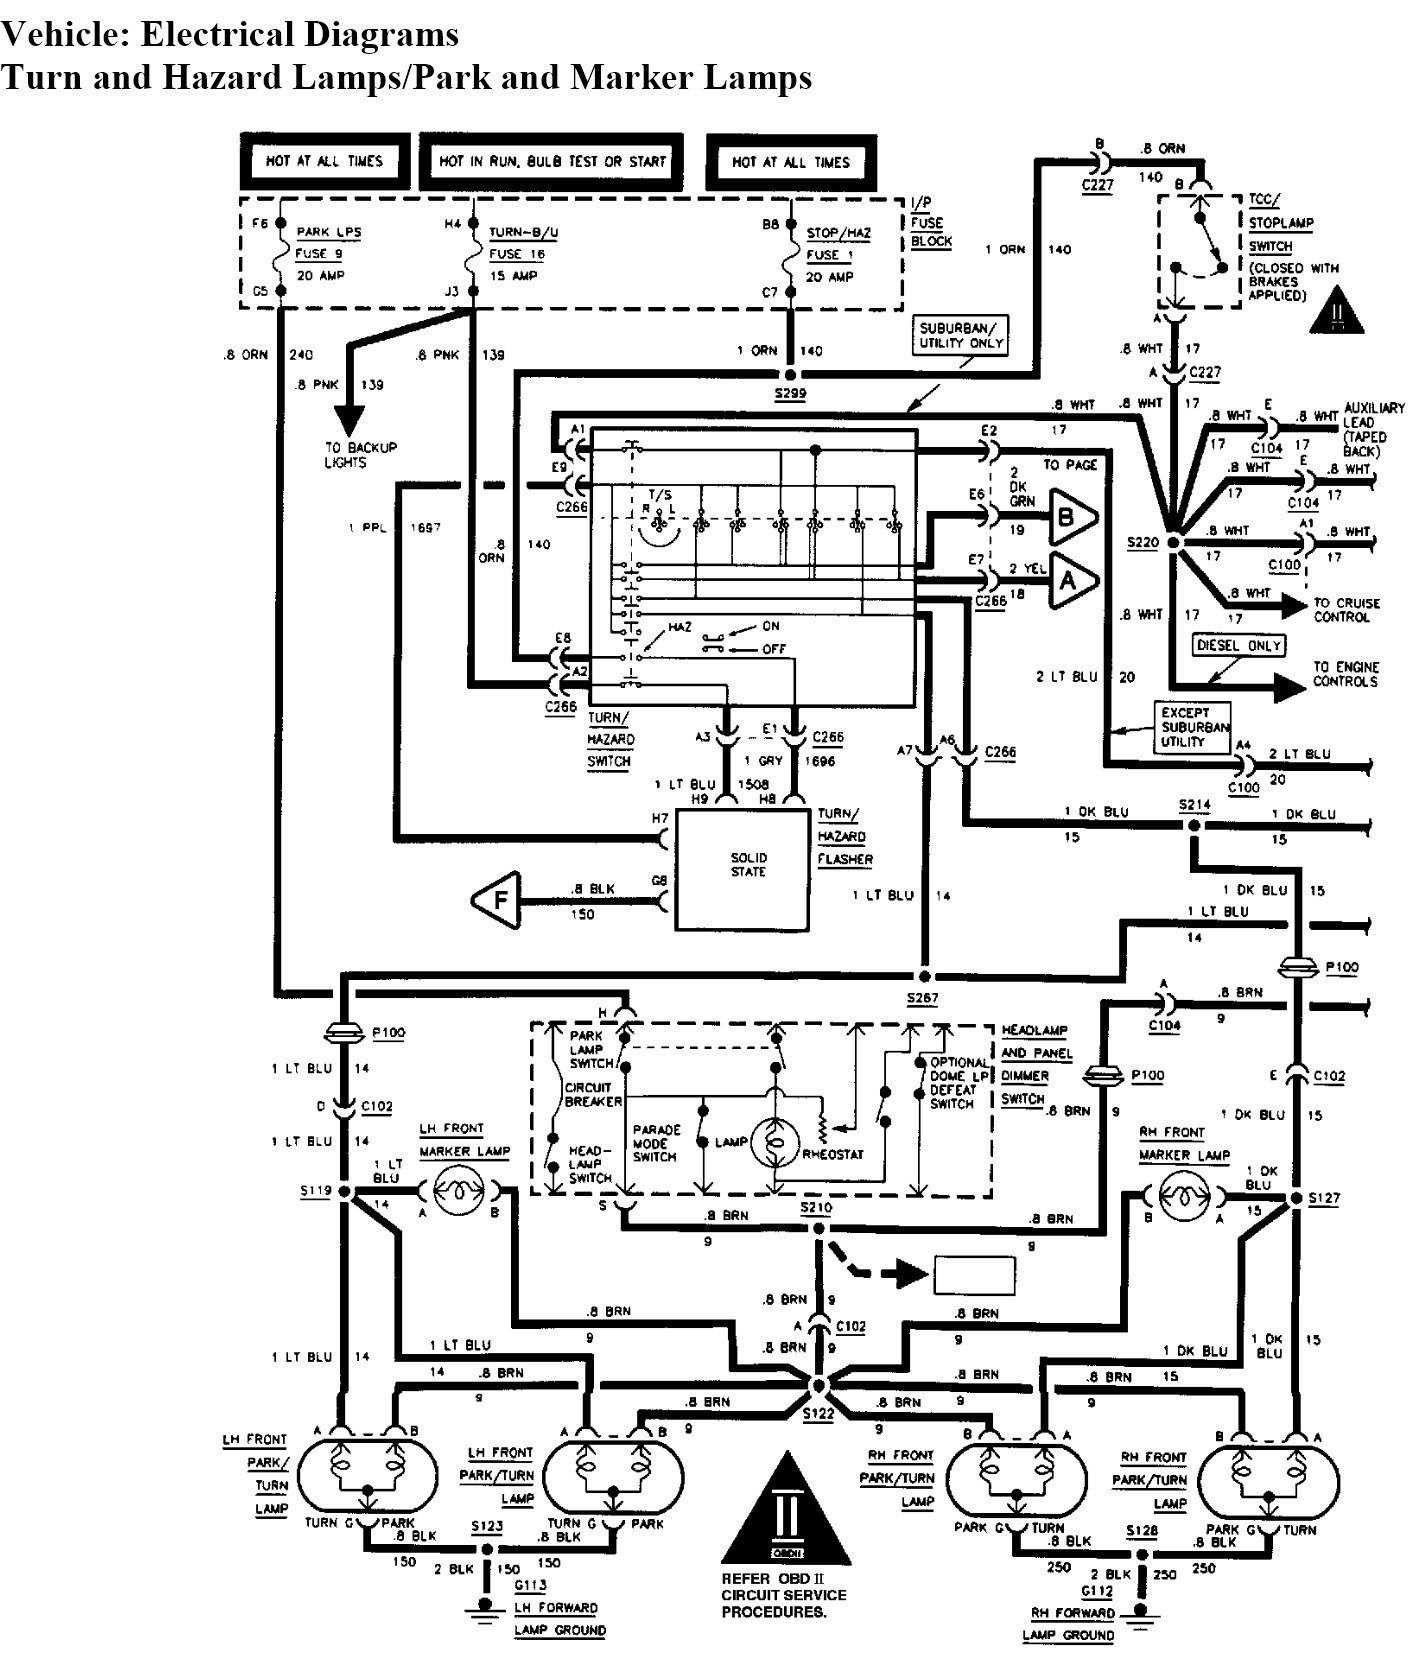 Unique Wfco Wiring Diagram In